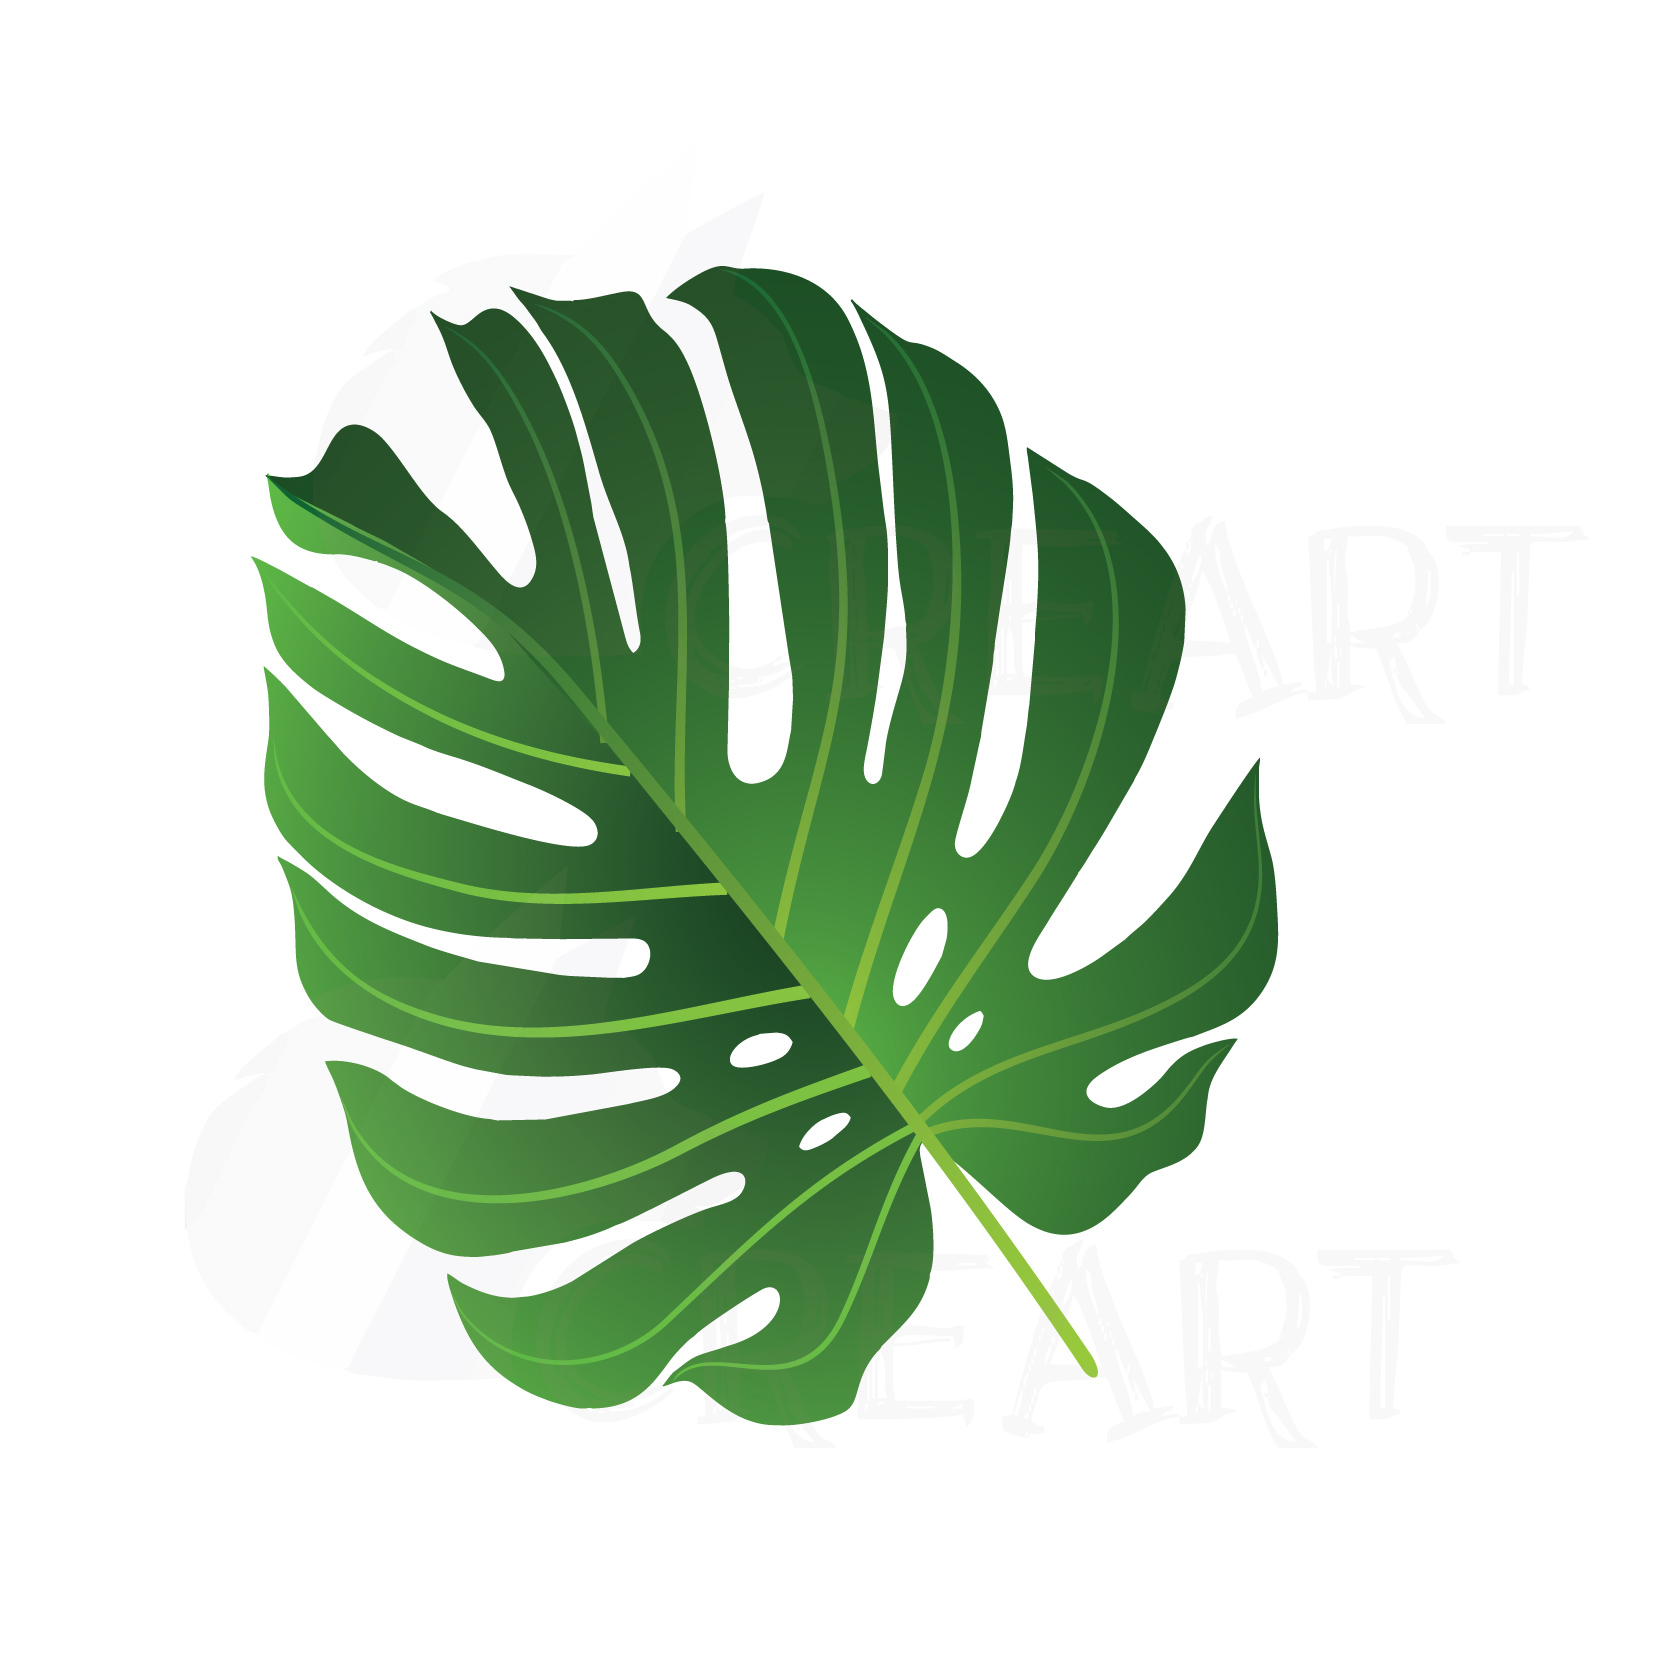 Summer leaf clip art pack, palm leaf collection  Eps, png, jpg, pdf, svg,  vector illustrator & corel files included, instant download